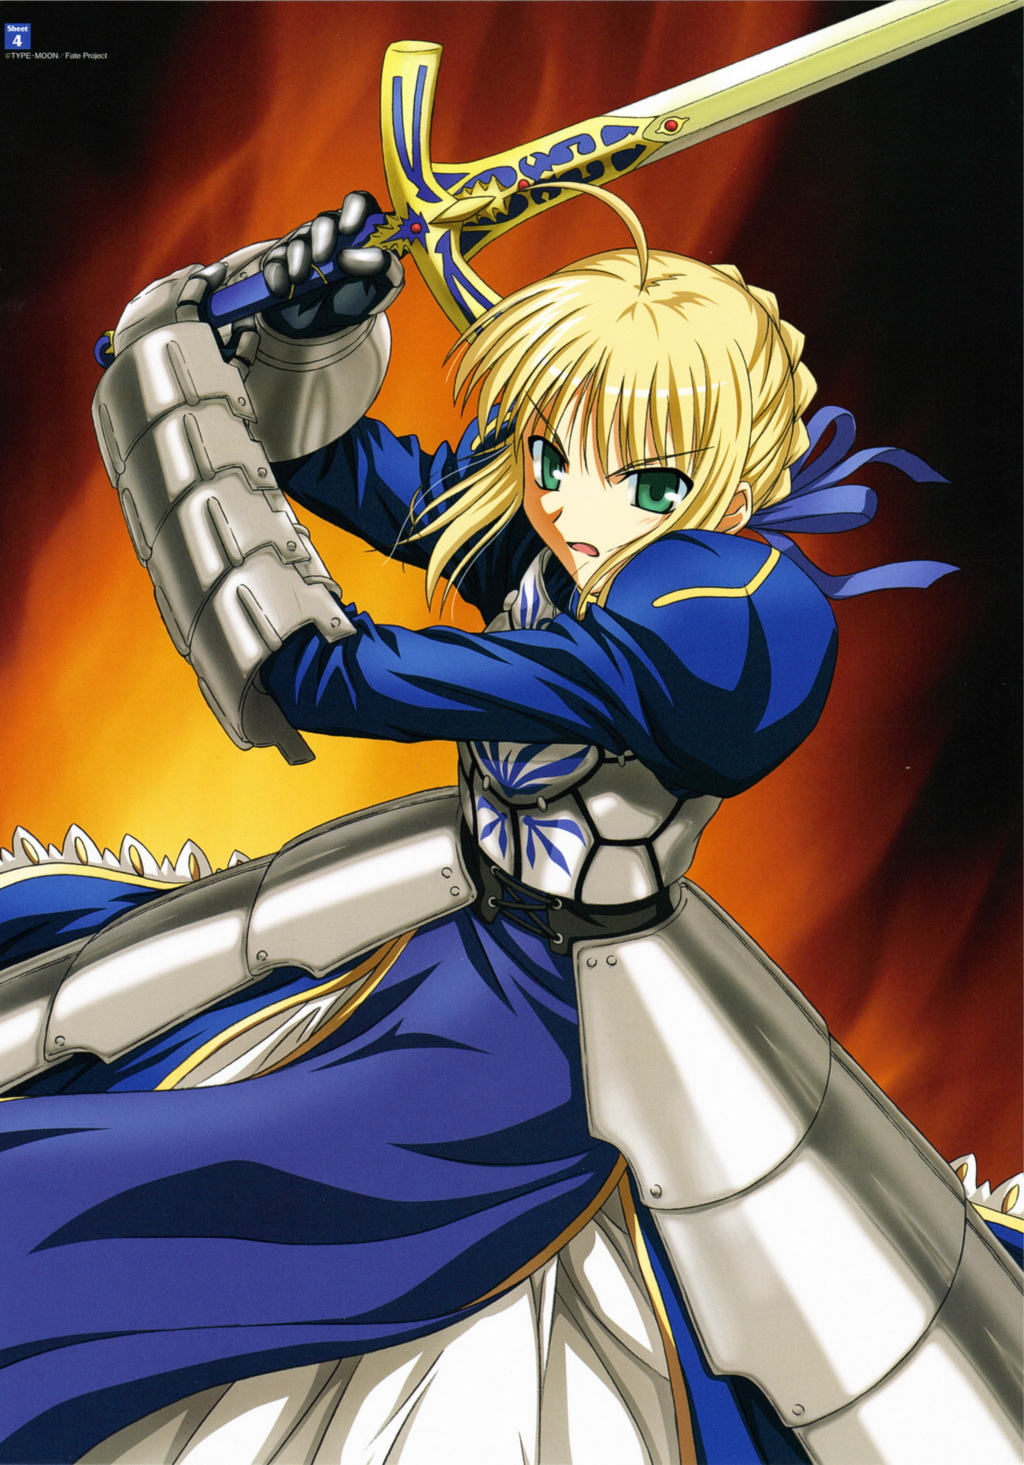 Saber Triumphant Excalibur